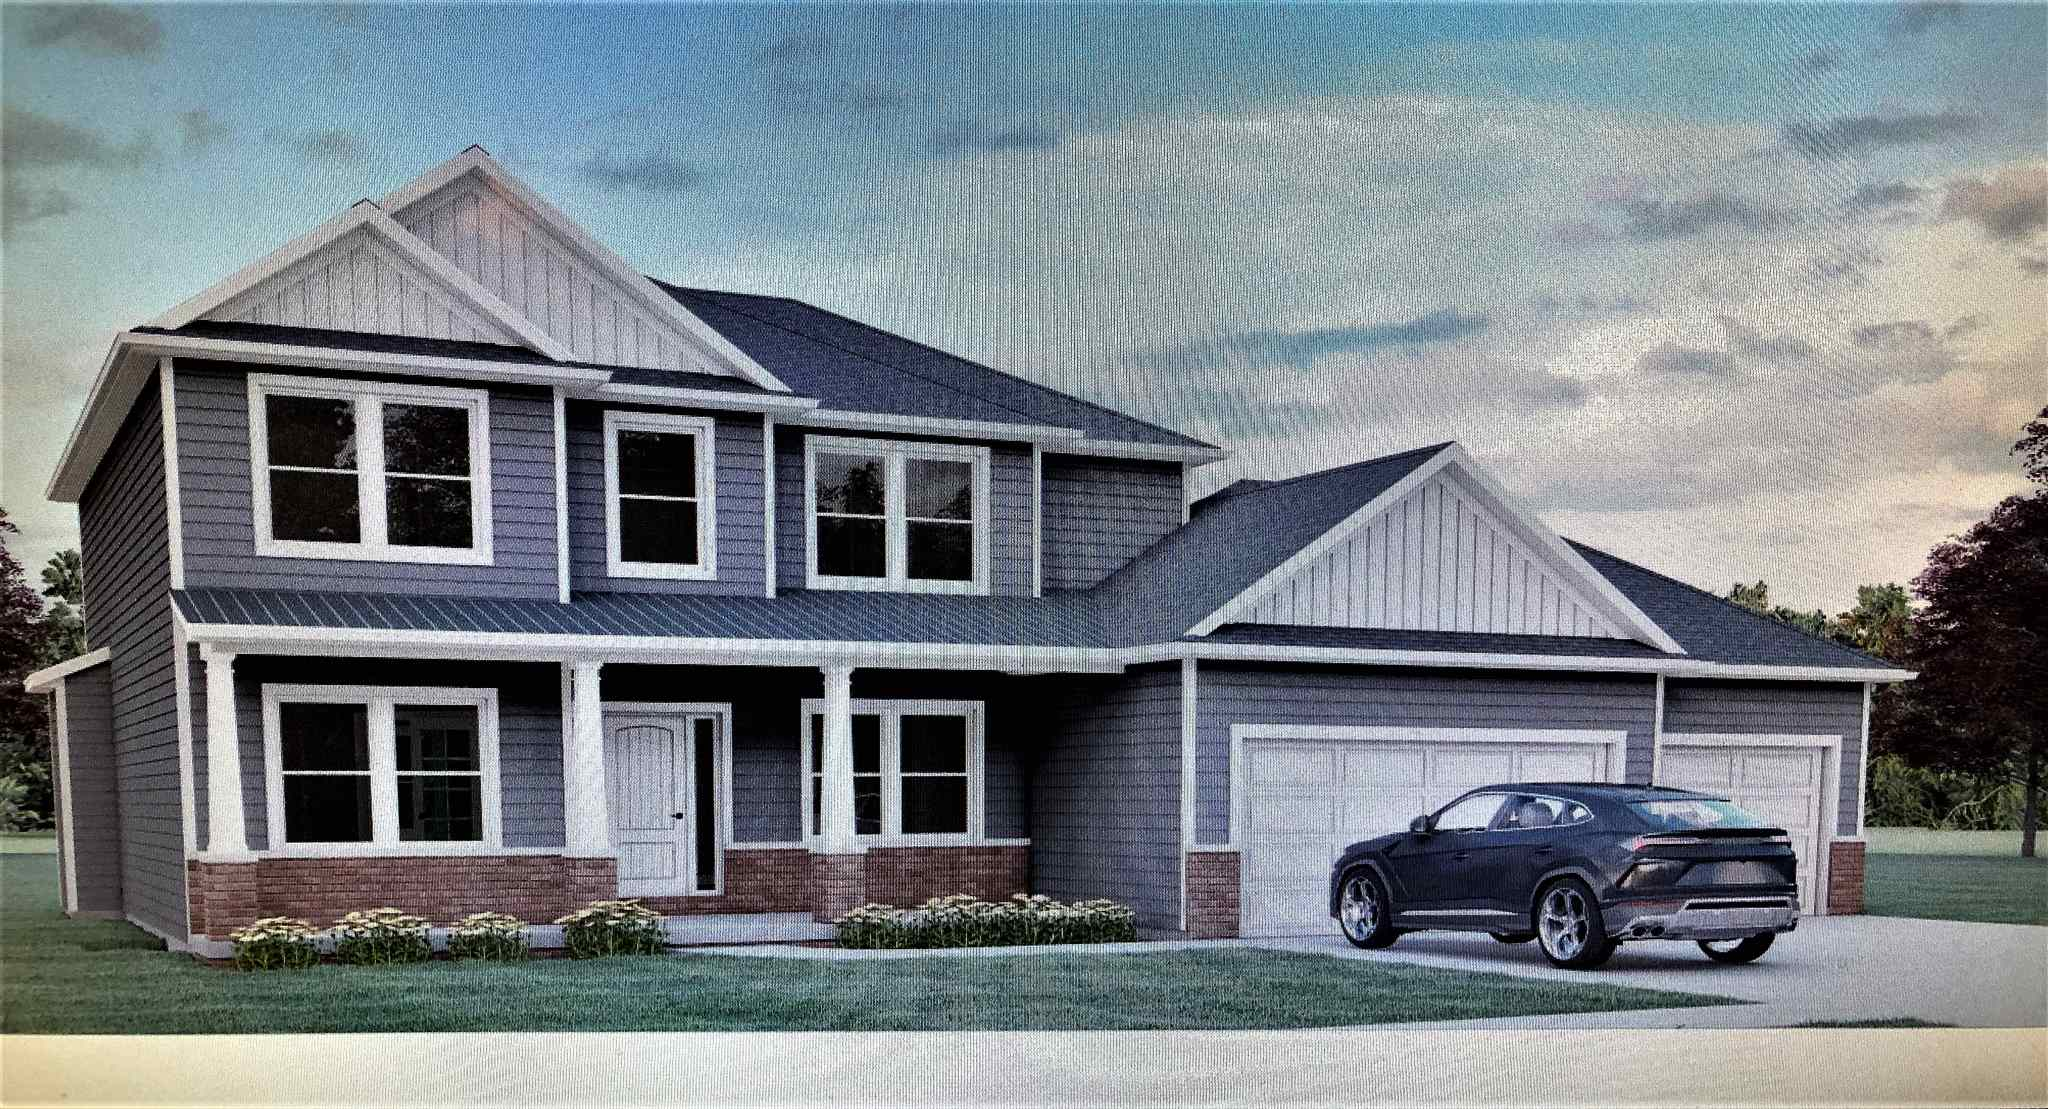 6610 N Ironwood Property Photo - Edwards, IL real estate listing